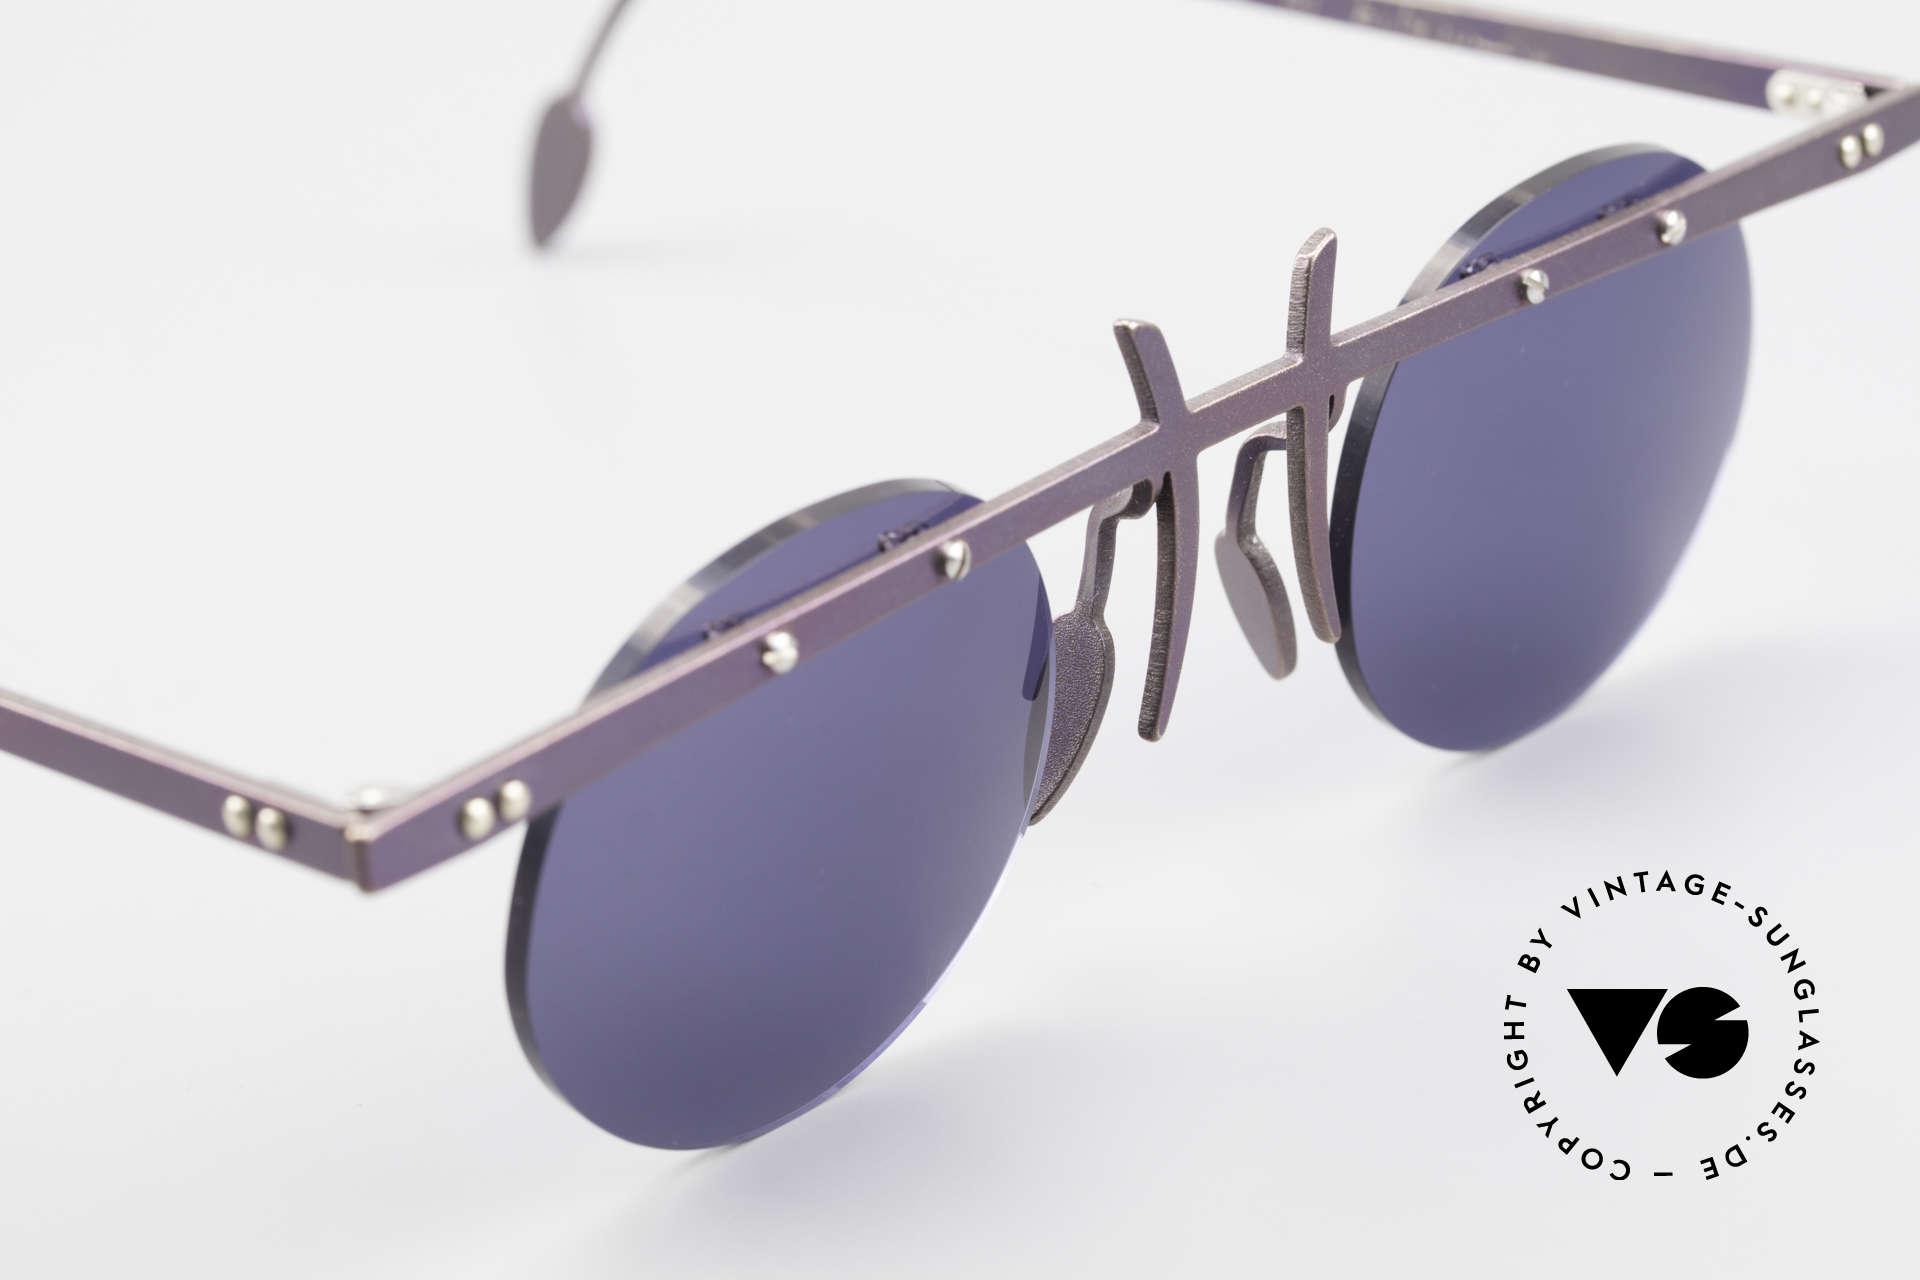 Theo Belgium Tita VI 4 Crazy Sonnenbrille 90er Titan, ungetragenes Theo-Original und KEINE RETROBRILLE!, Passend für Herren und Damen